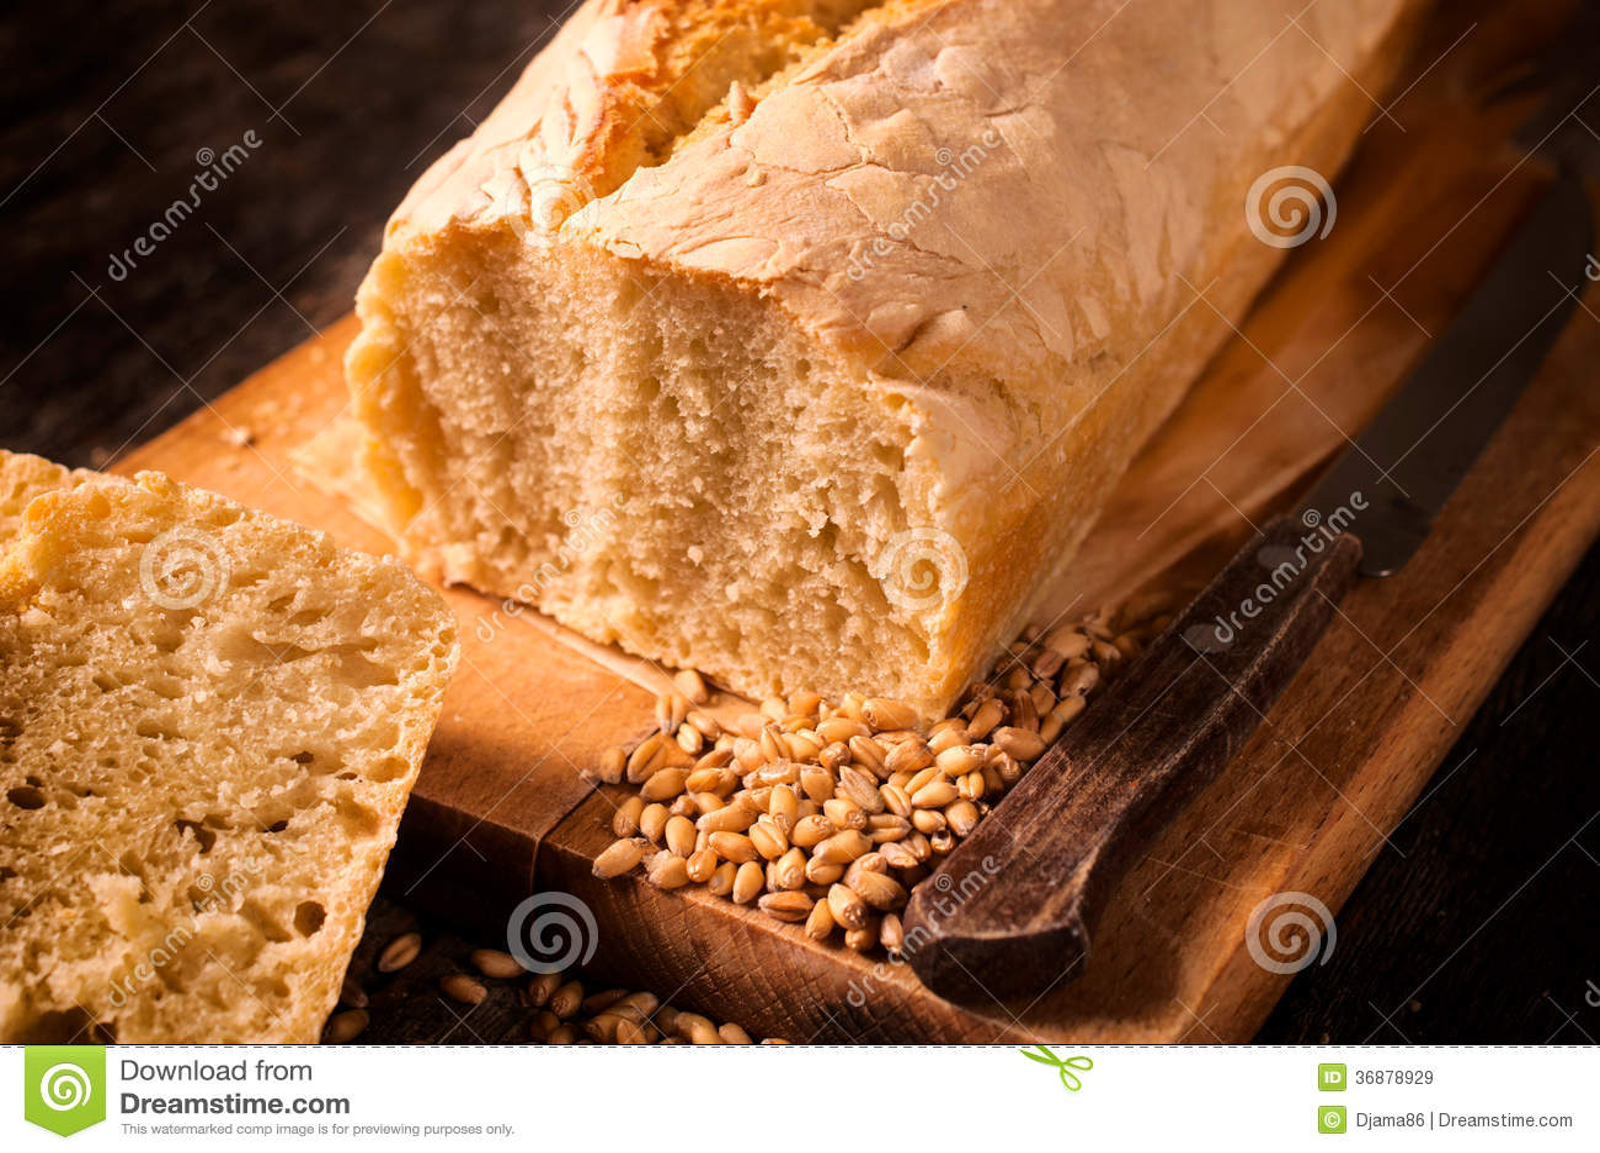 Download Pane al forno immagine stock. Immagine di papavero, dieta - 36878929